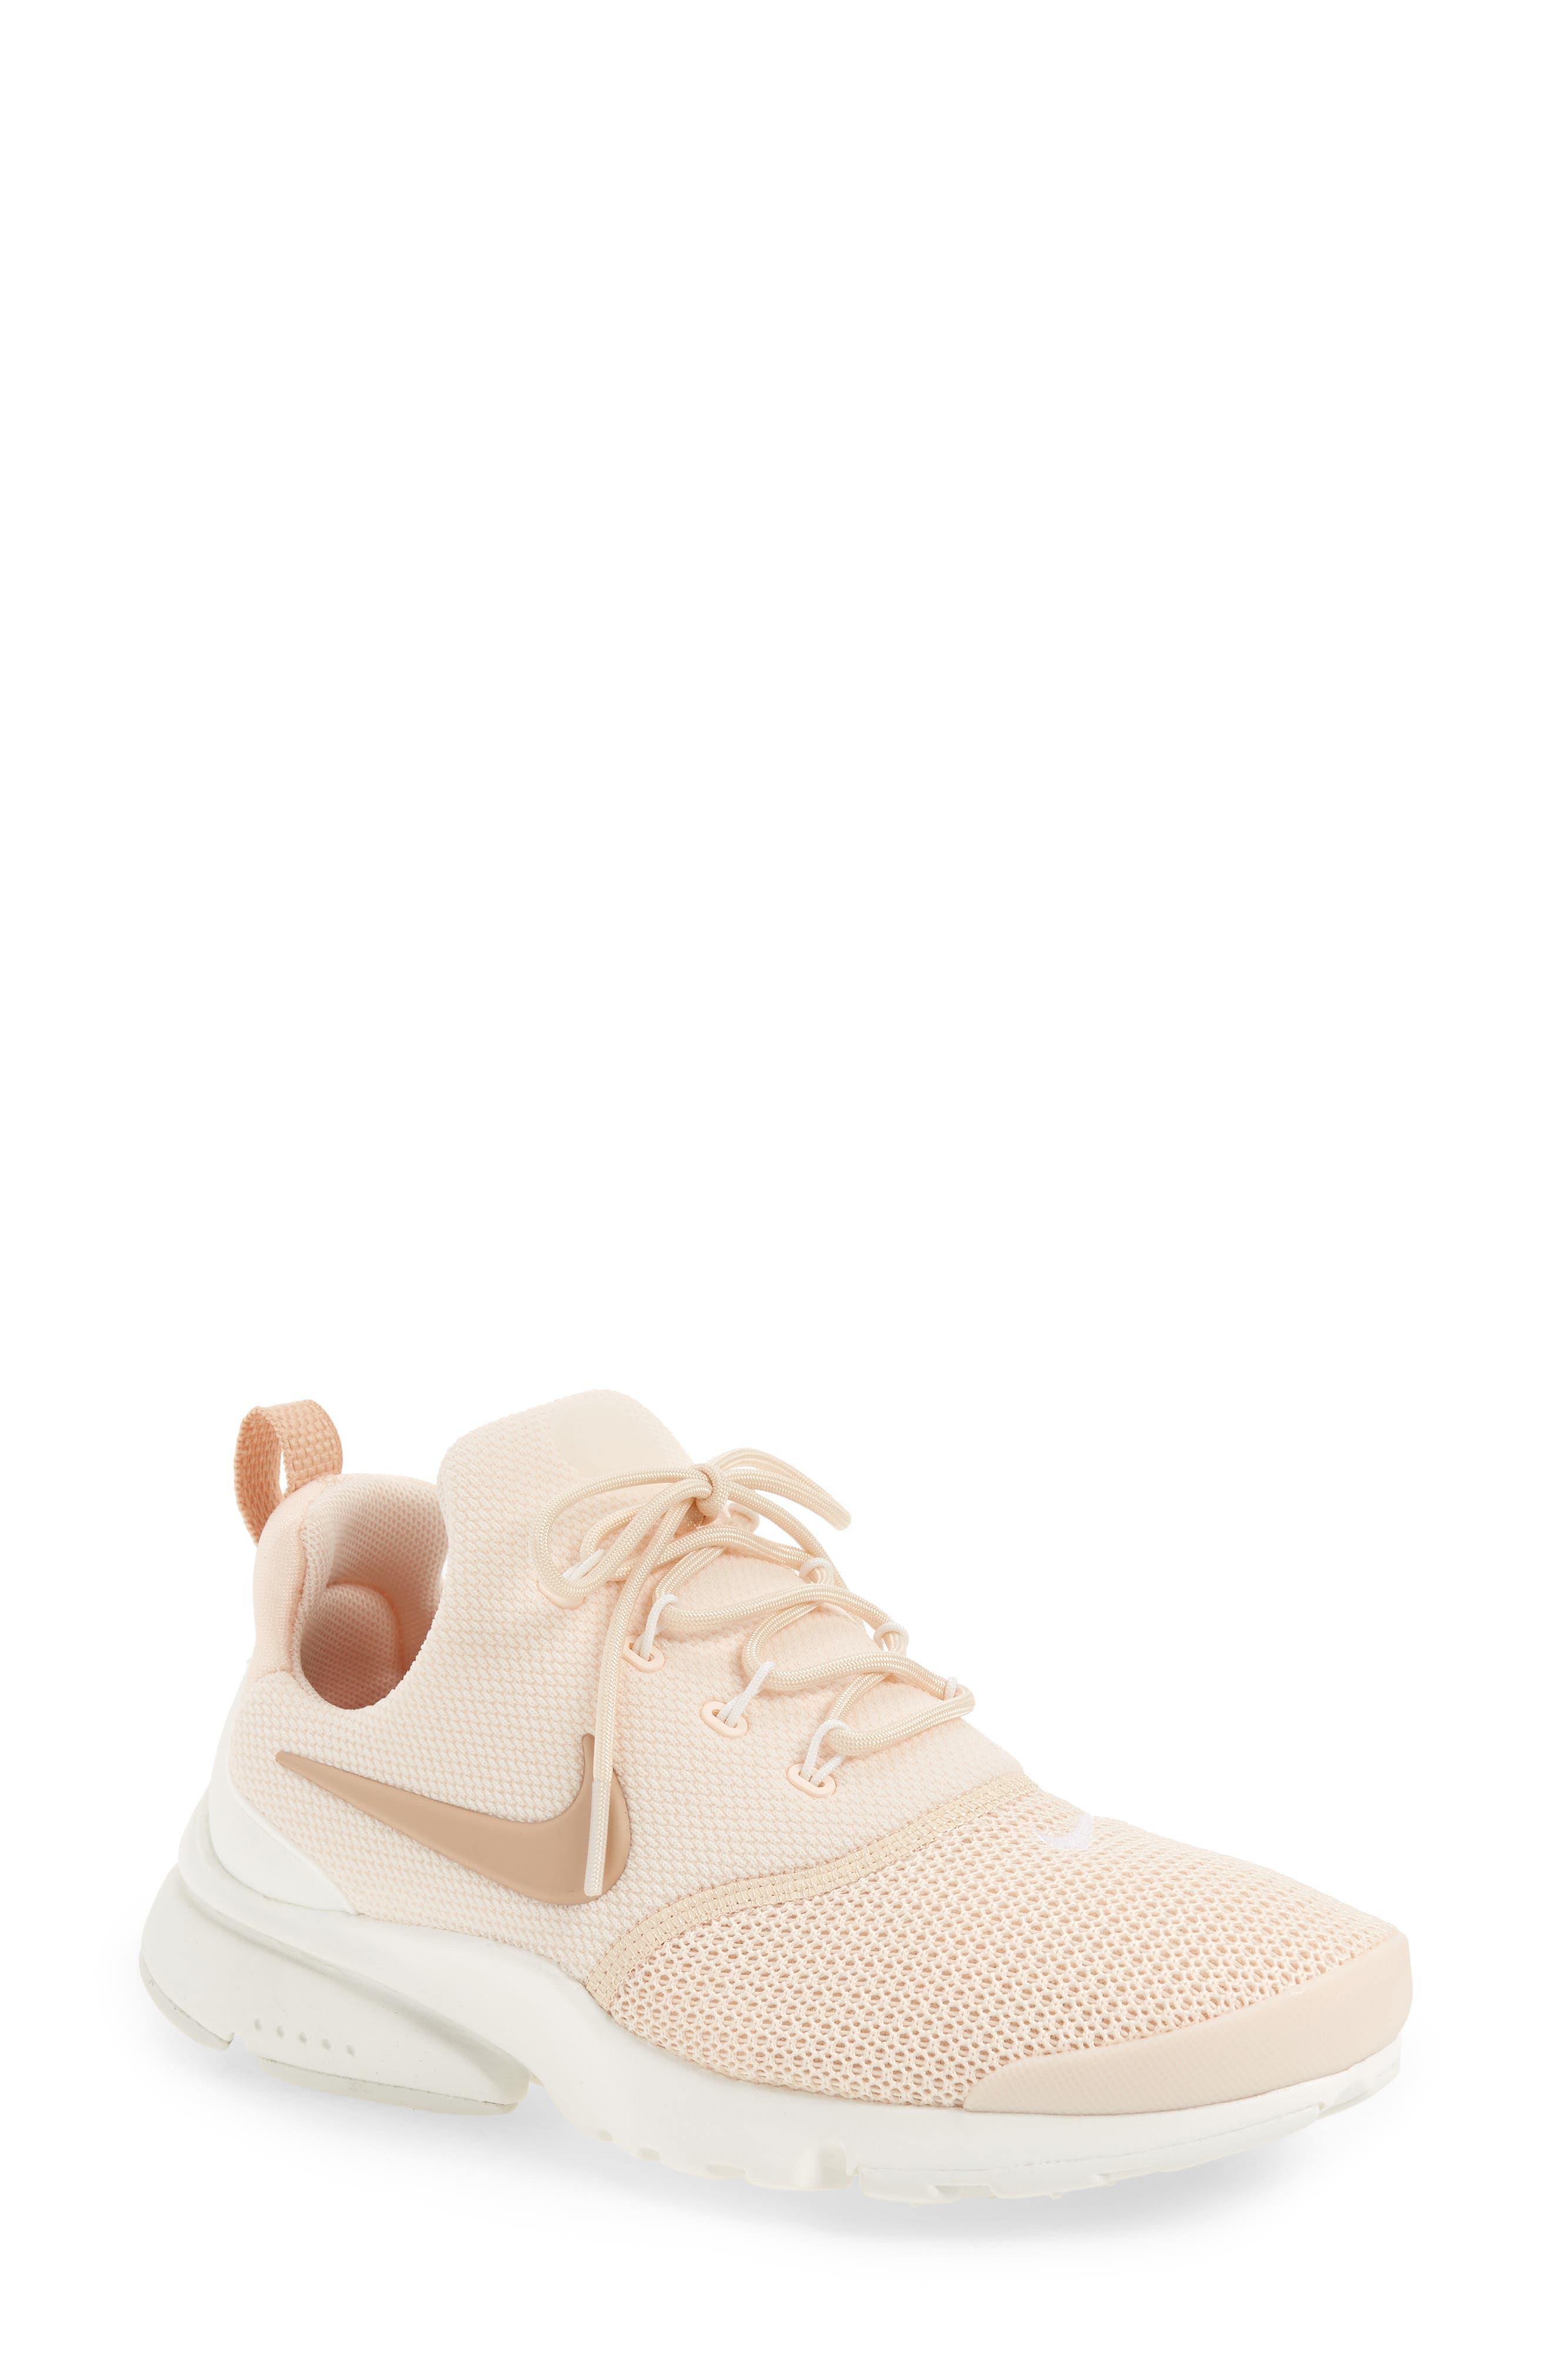 Presto Fly Sneaker,                         Main,                         color, GUAVA ICE/ BEIGE/ SUMMIT WHITE